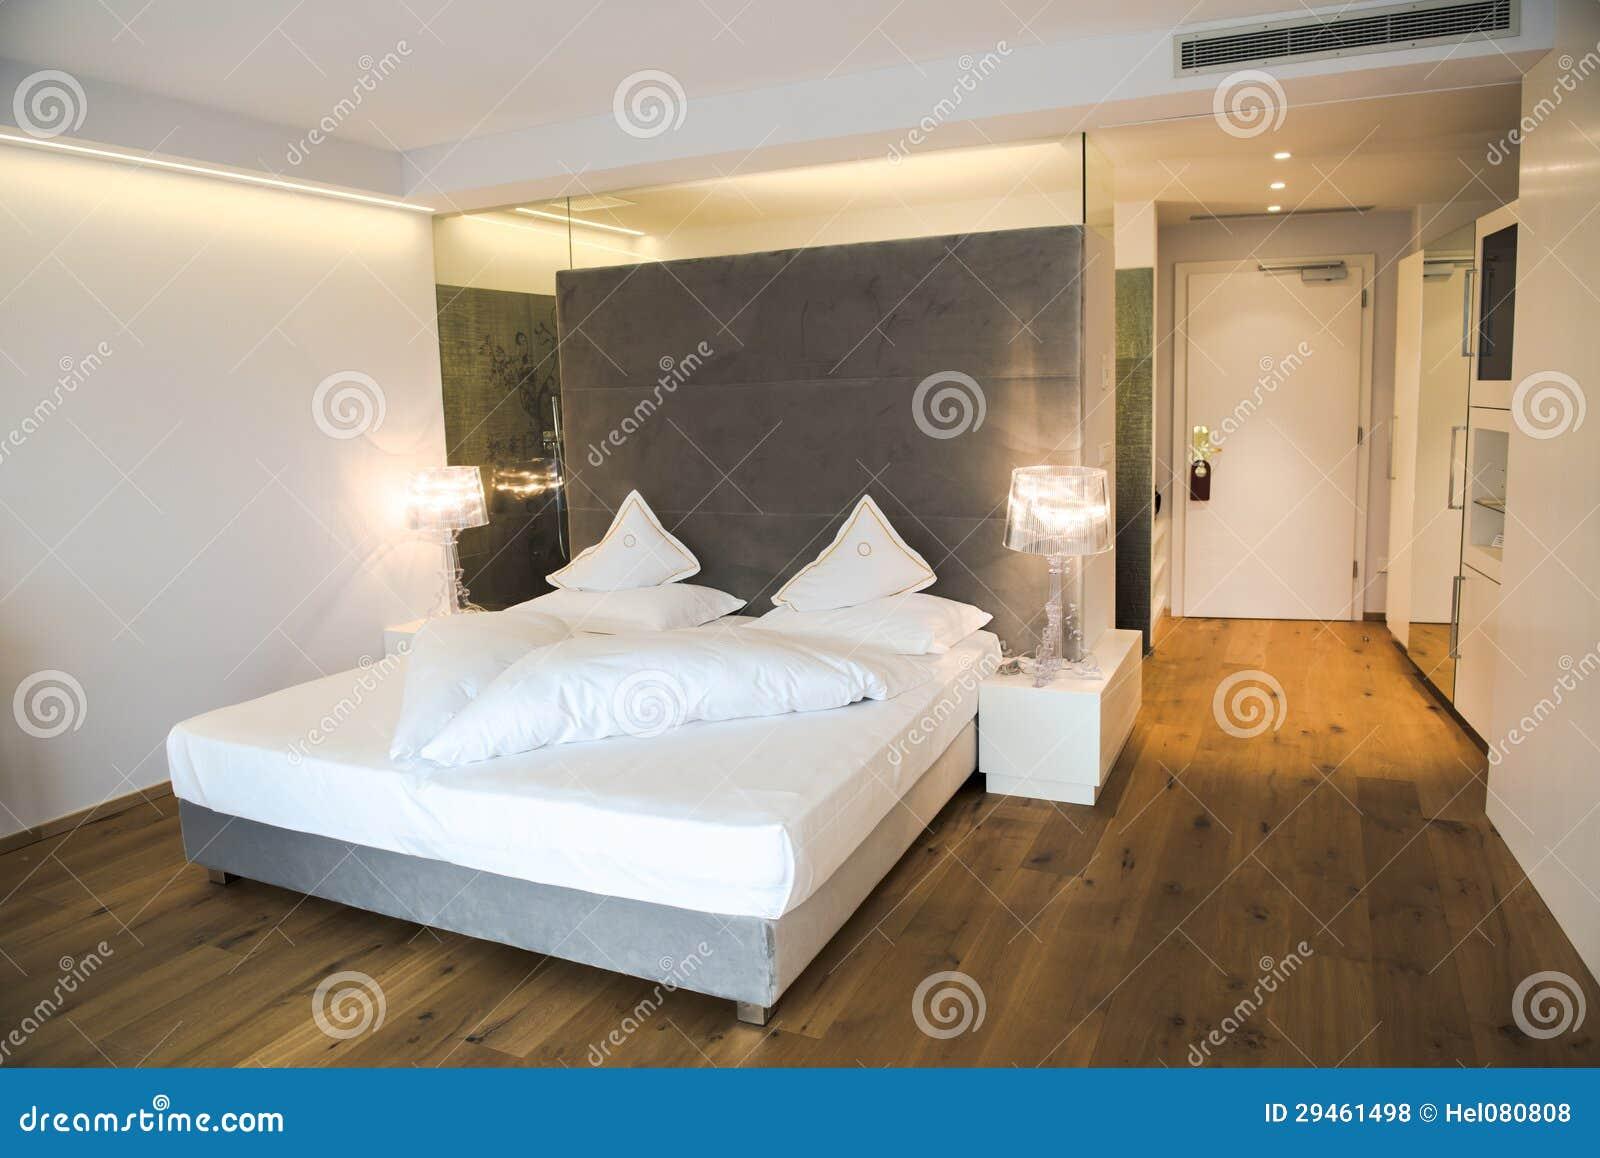 camera da letto progettata moderna in un hotel in tirolo